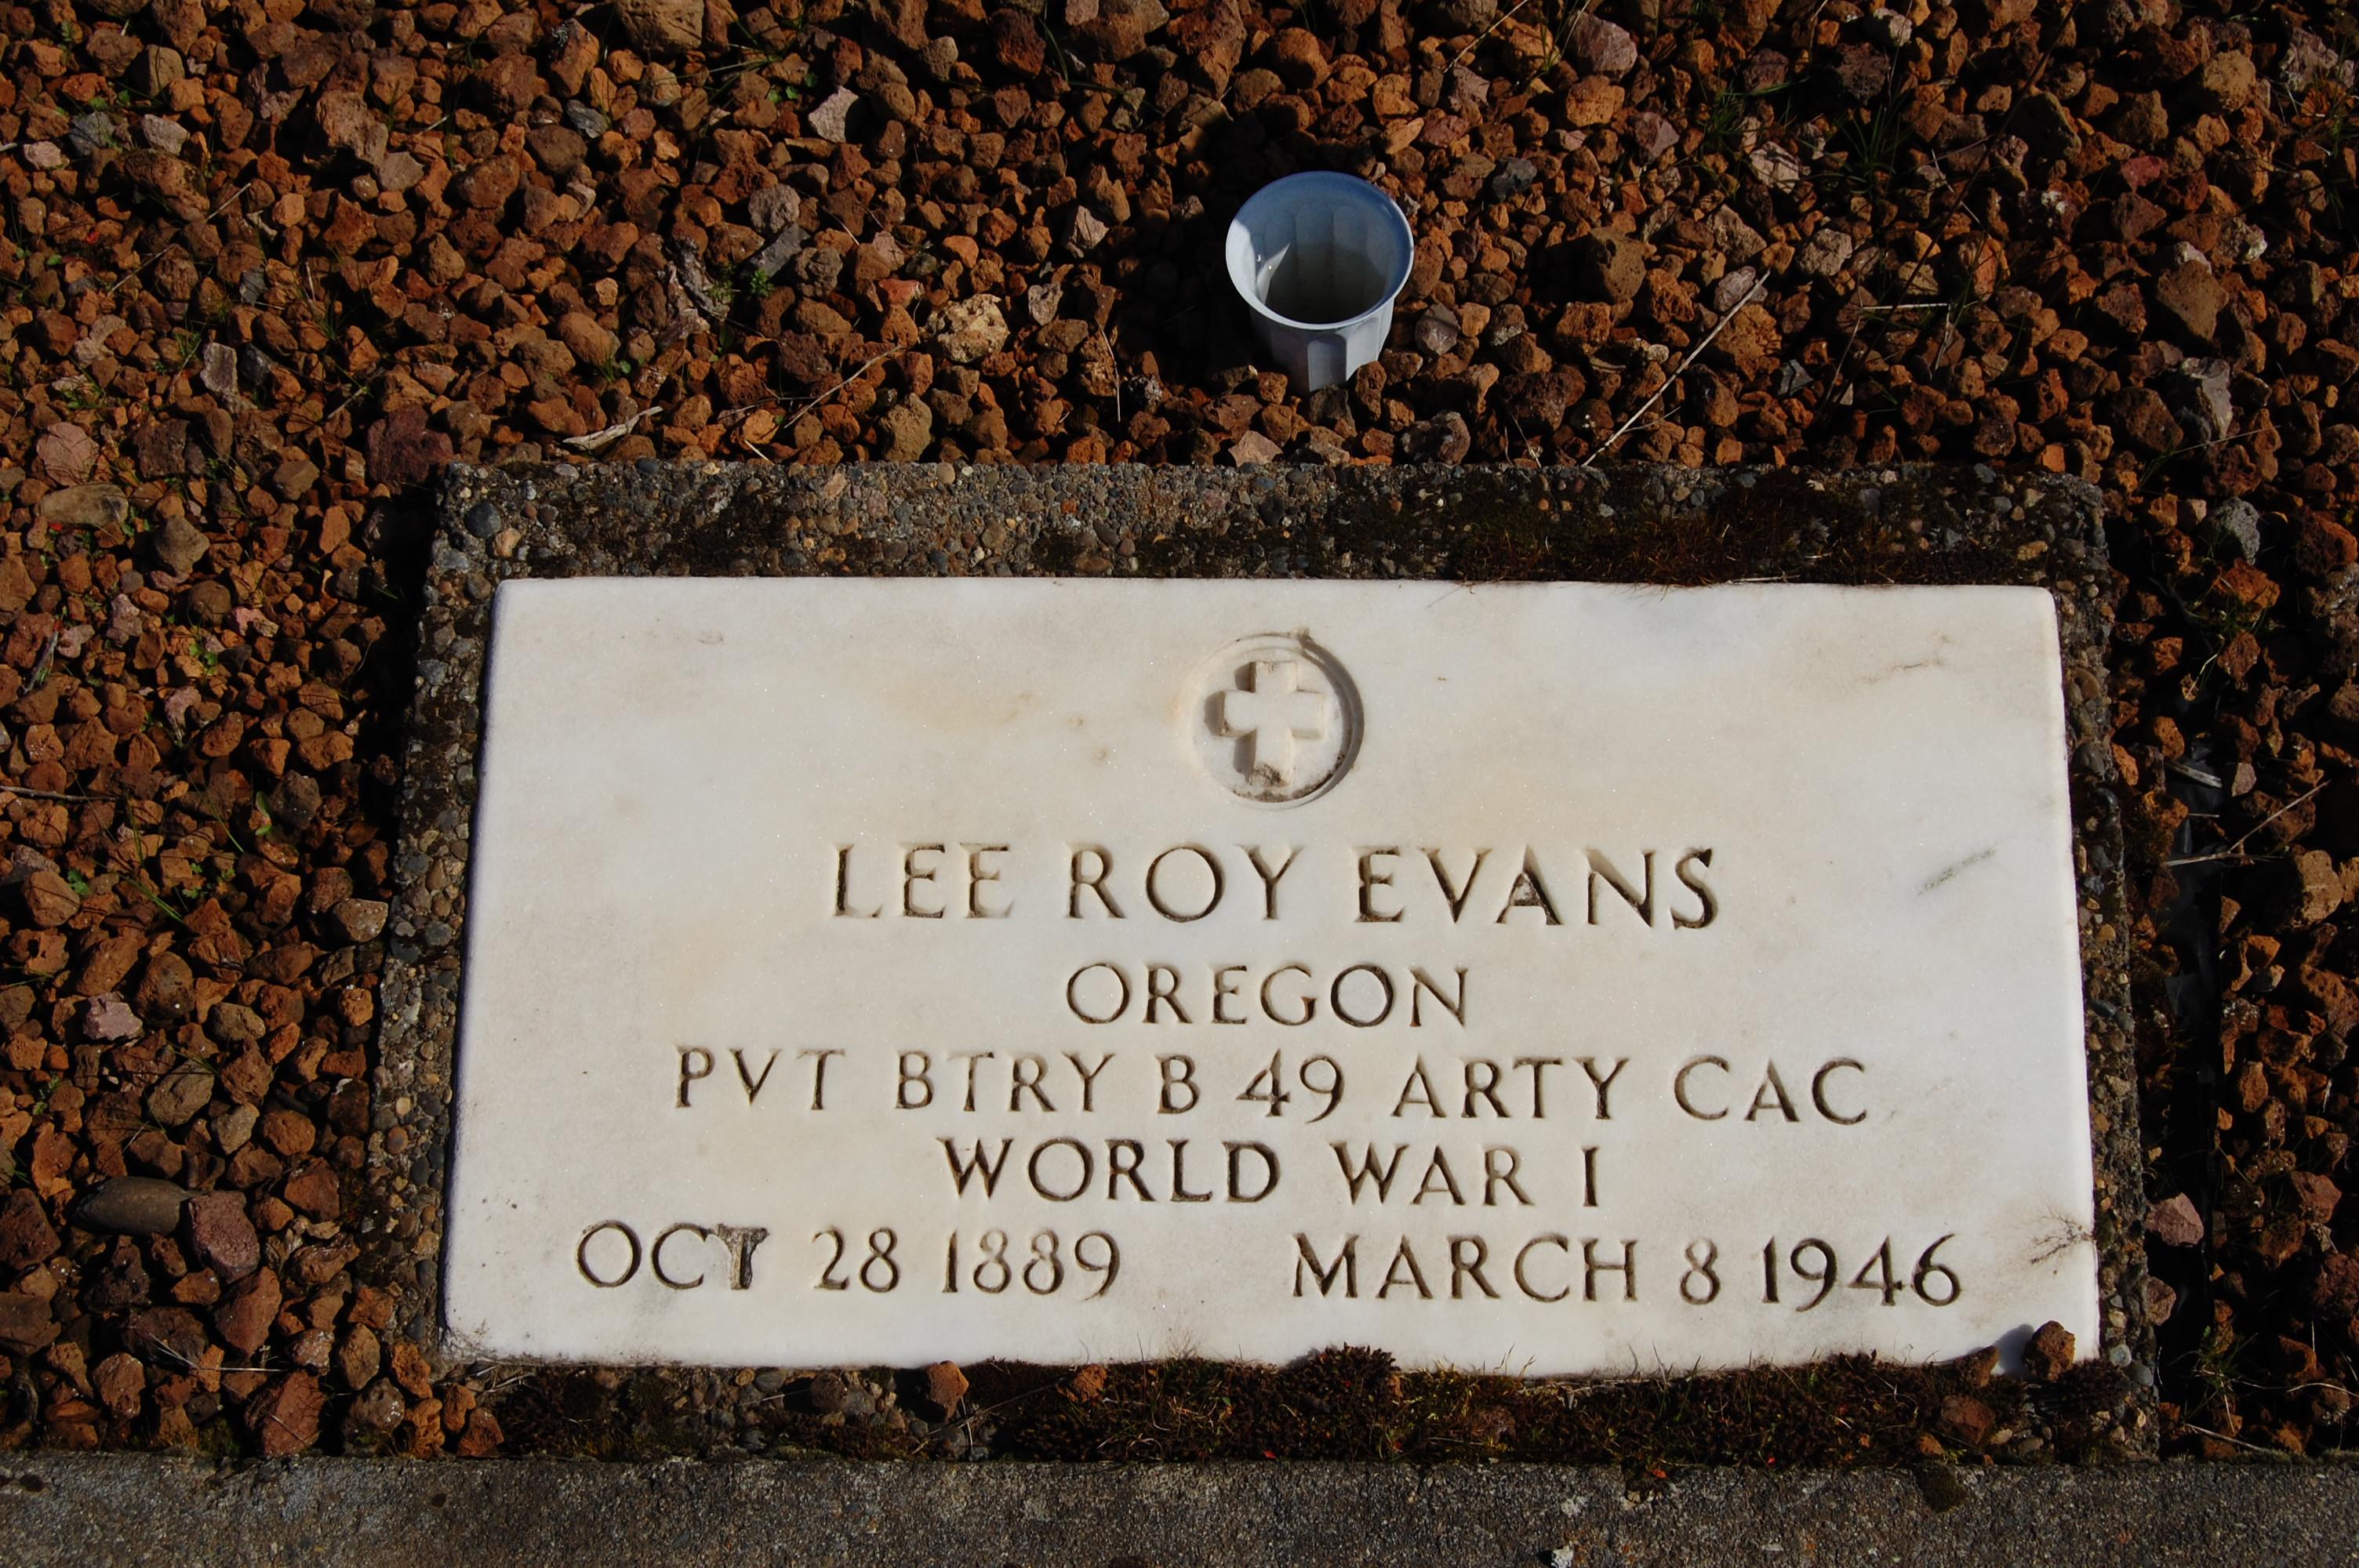 Lee Roy Evans